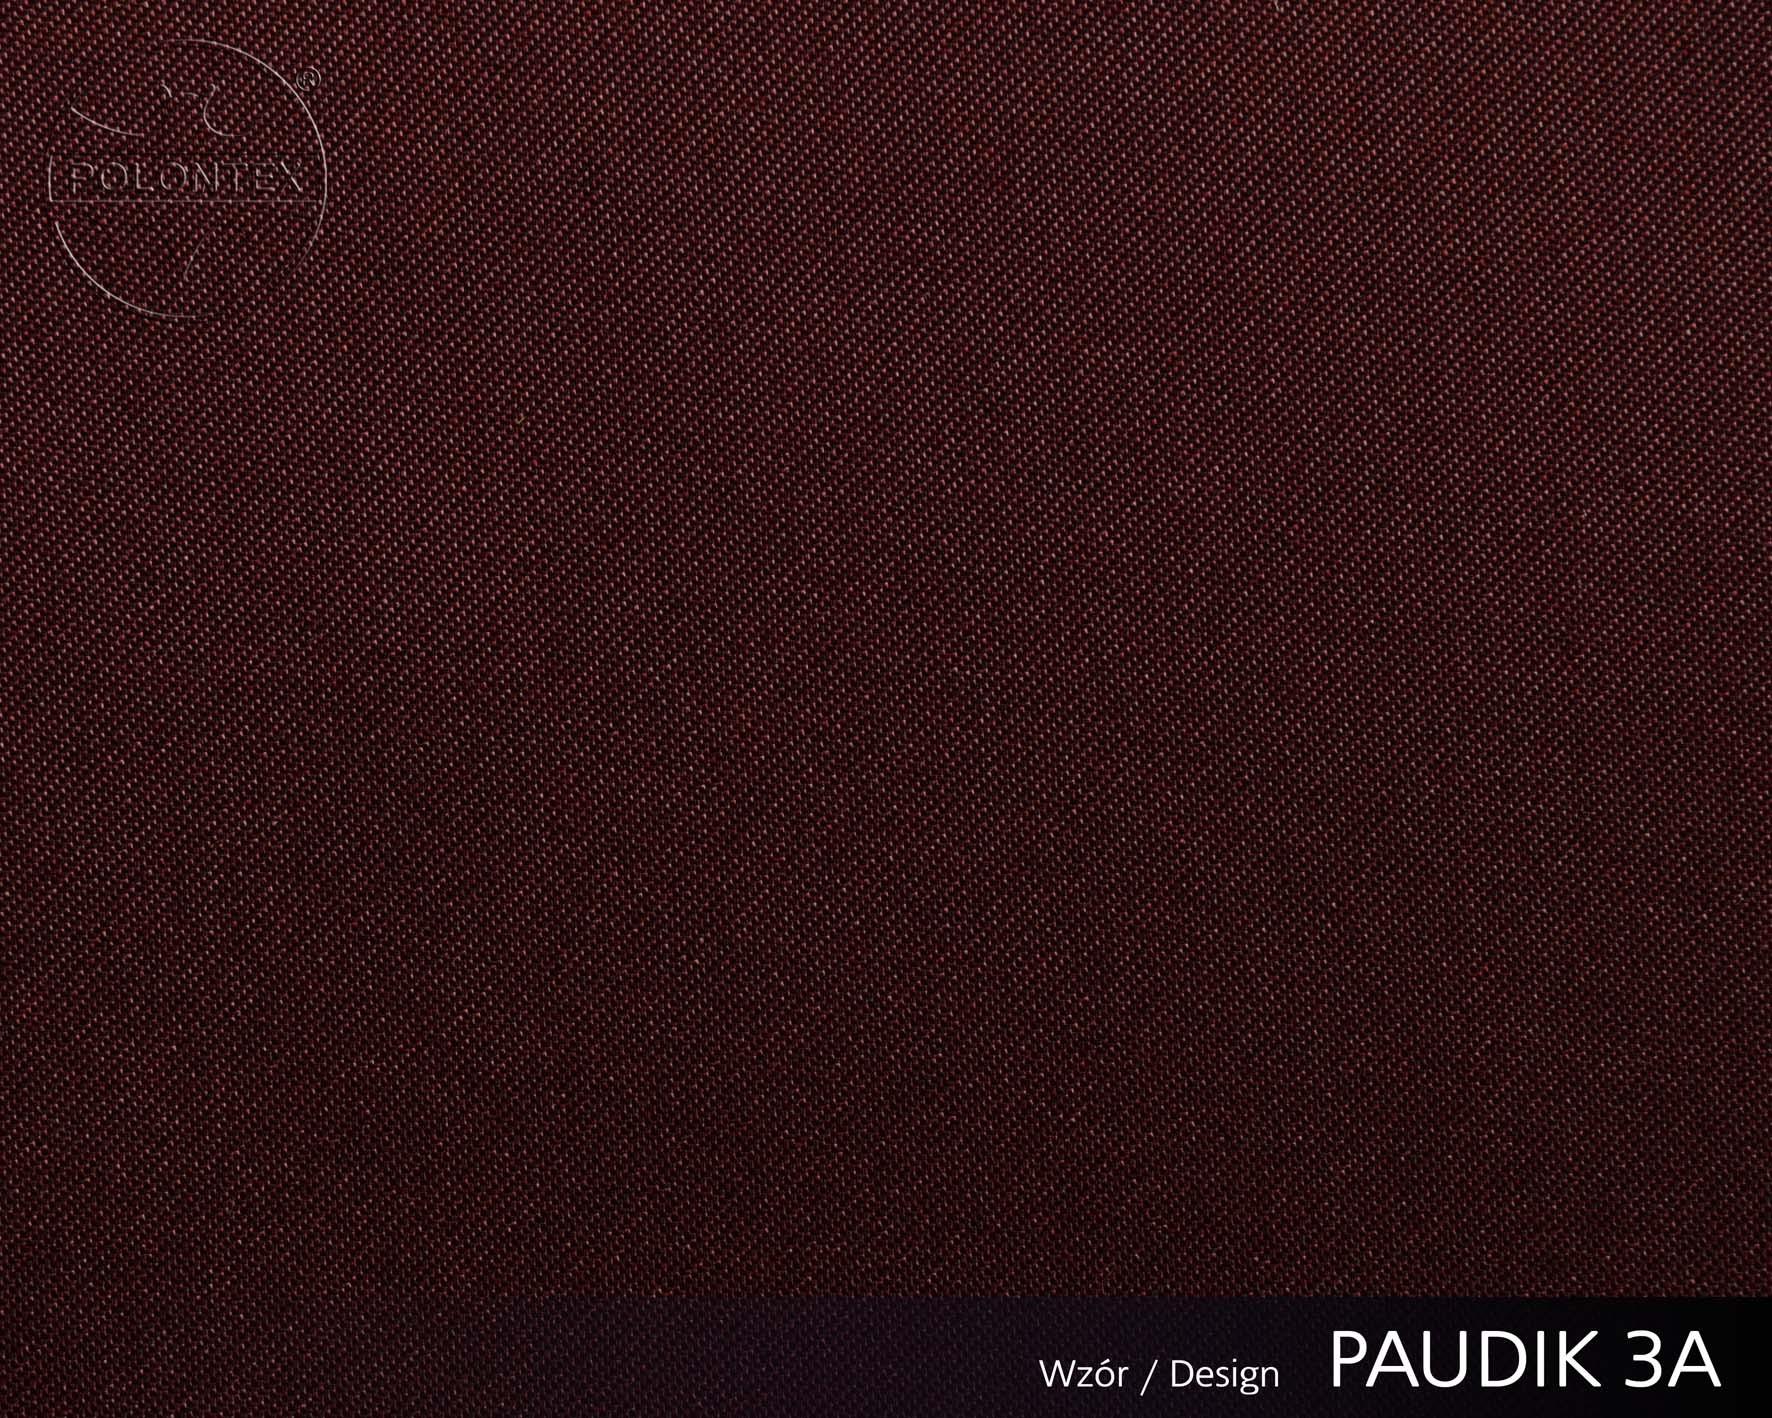 PAUDIK 3096